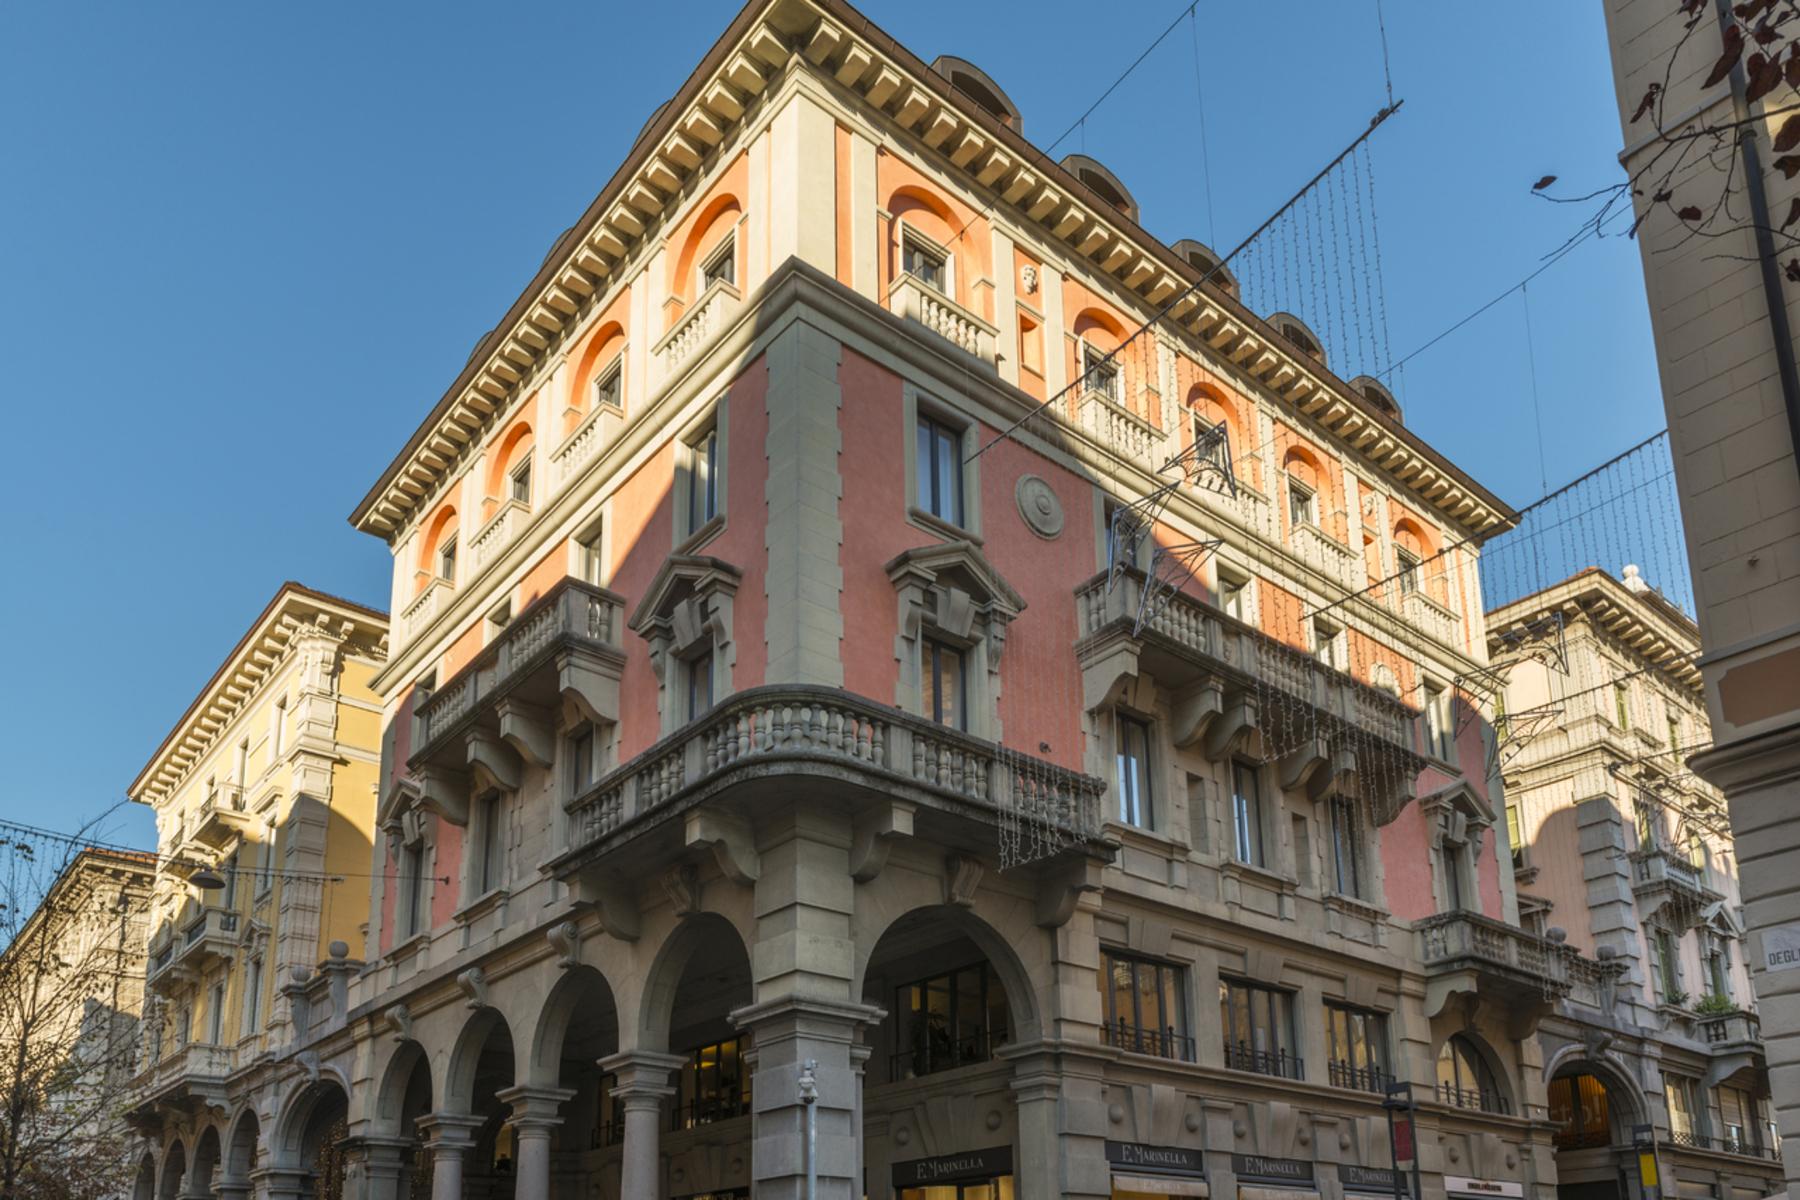 公寓 為 出售 在 Prestigious apartment located in a historical building Lugano, Lugano, Ticino, 6900 瑞士